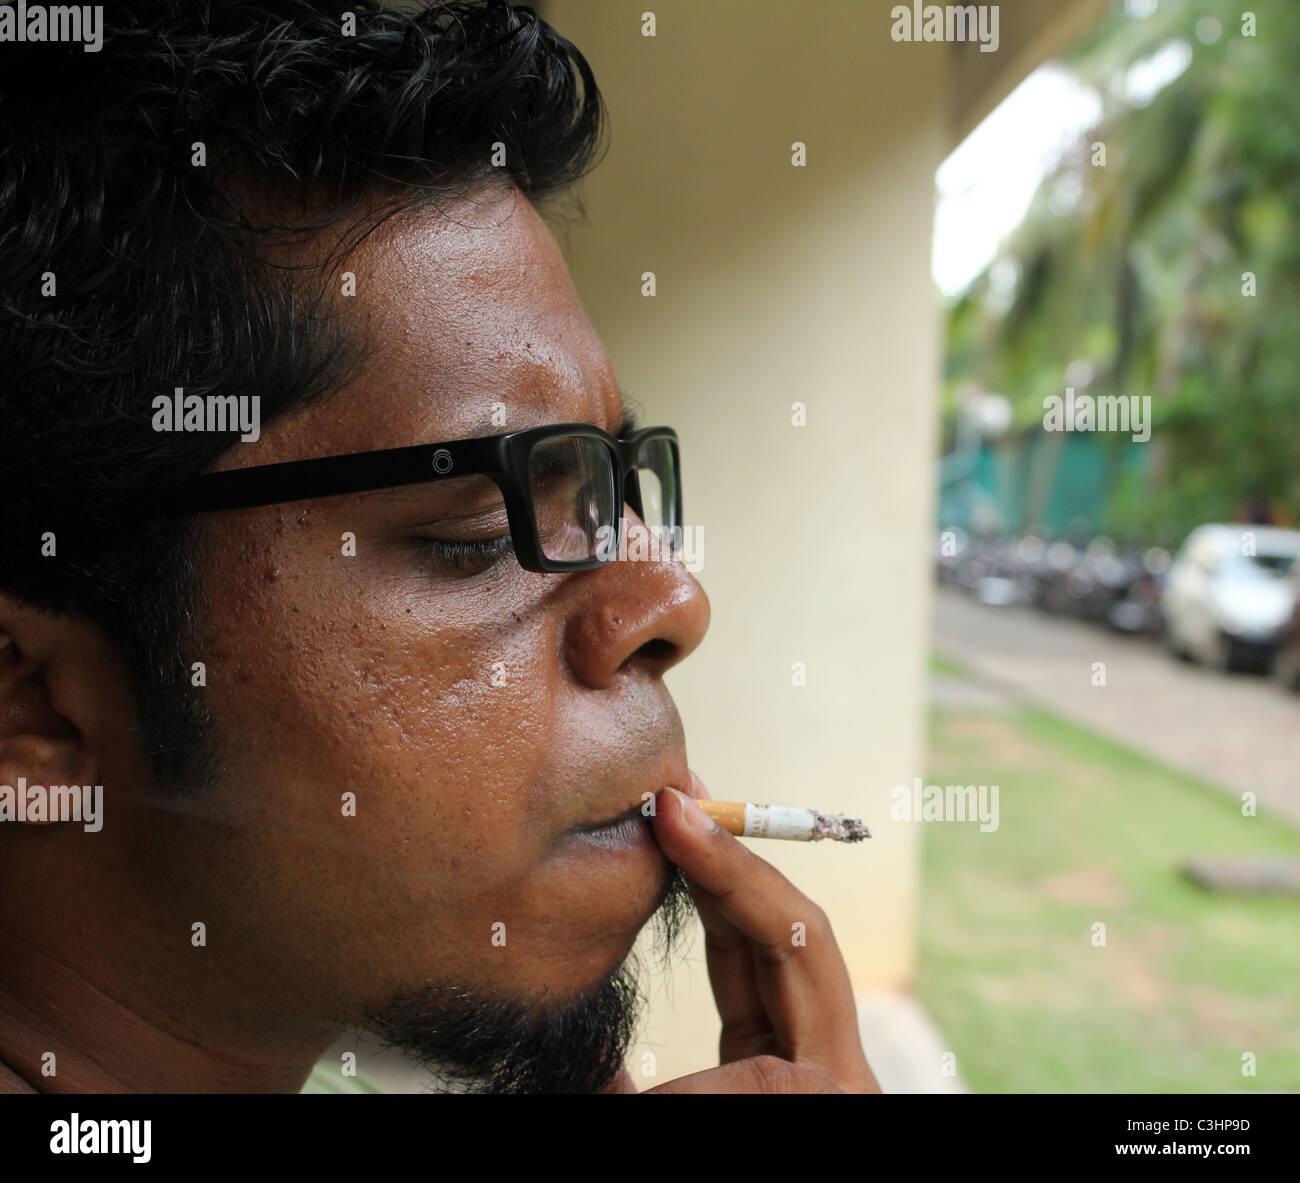 hose asian Smoking